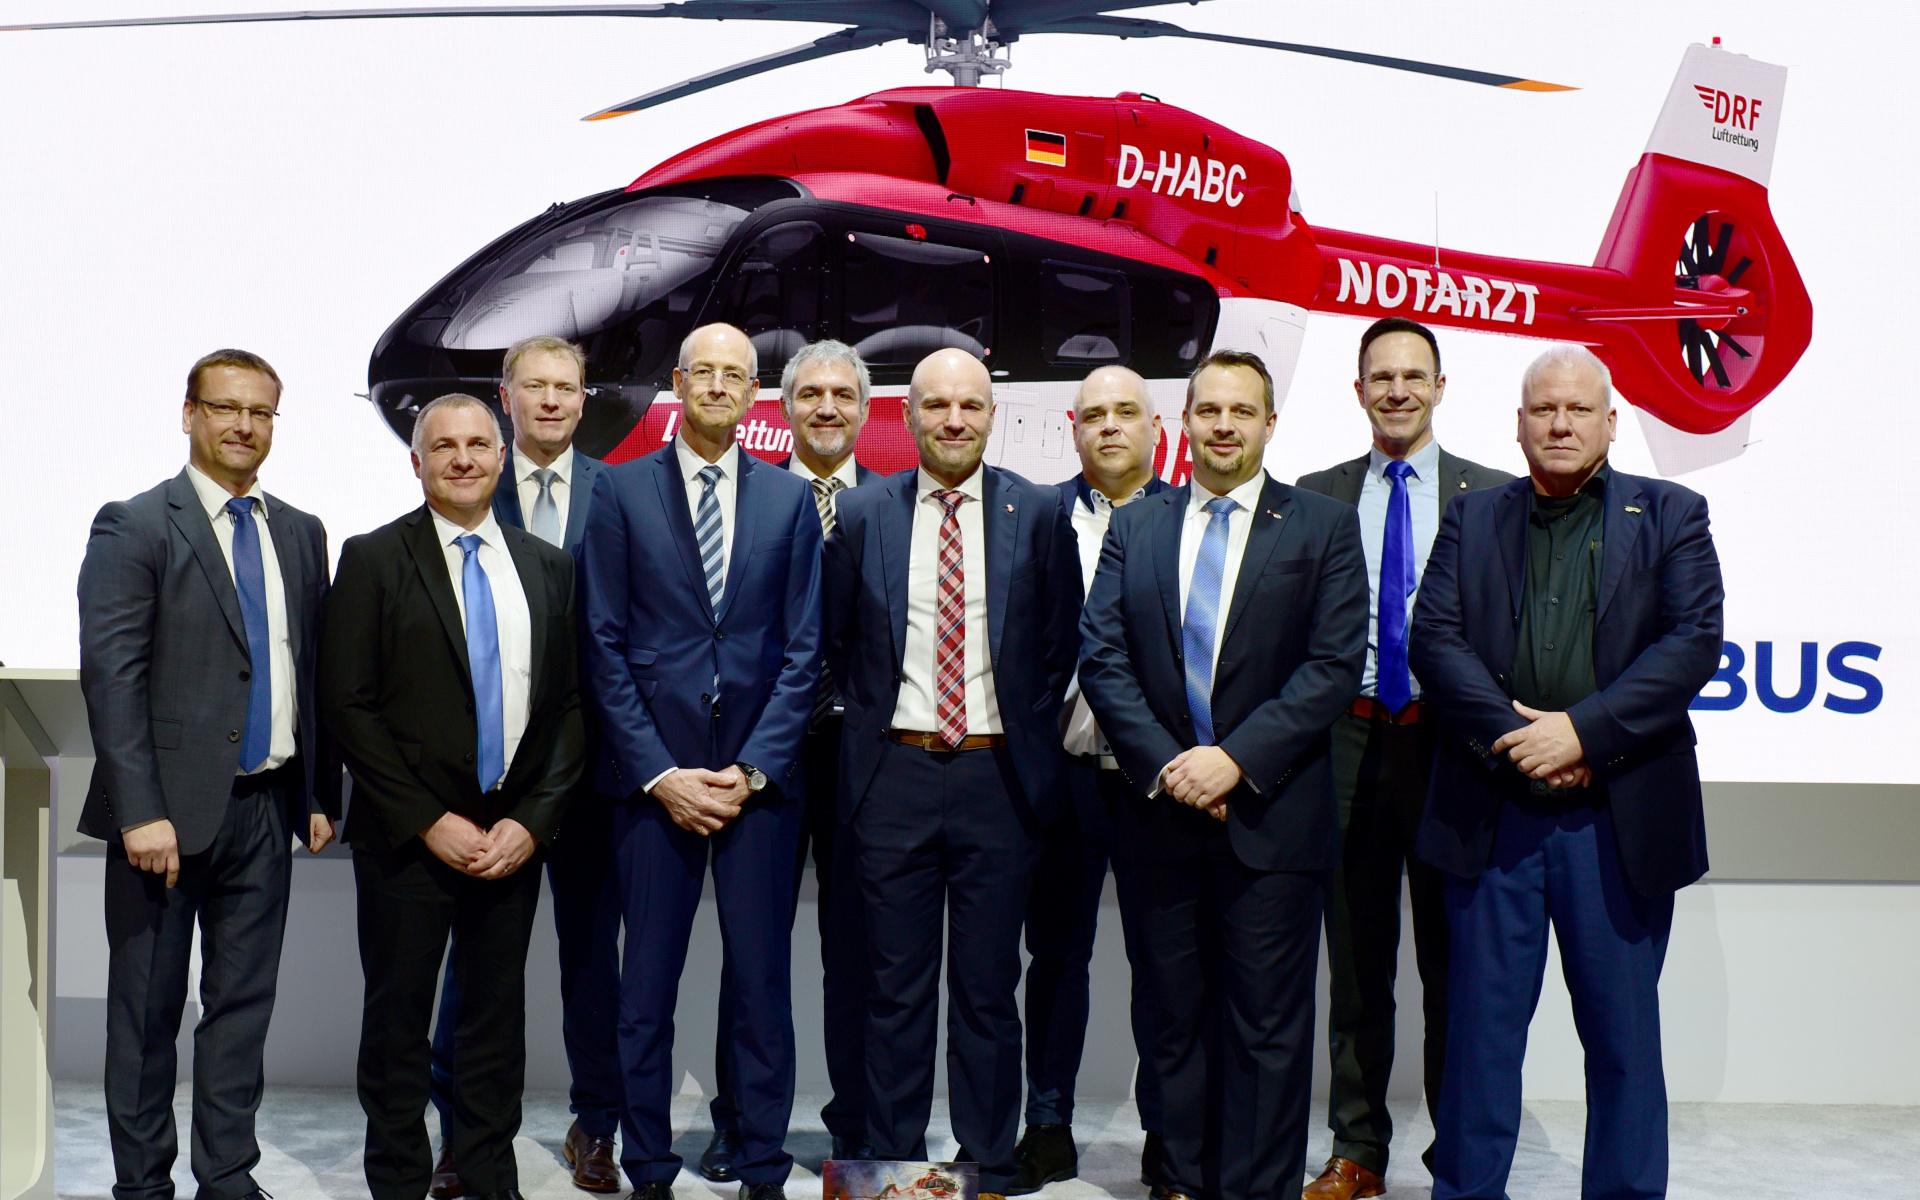 DRF Luftrettung und Airbus Helicopters bei der Bekanntgabe der Vertragsunterzeichnung auf der HeliExpo, Anaheim, Kalifornien (Quelle Airbus Helicopters)